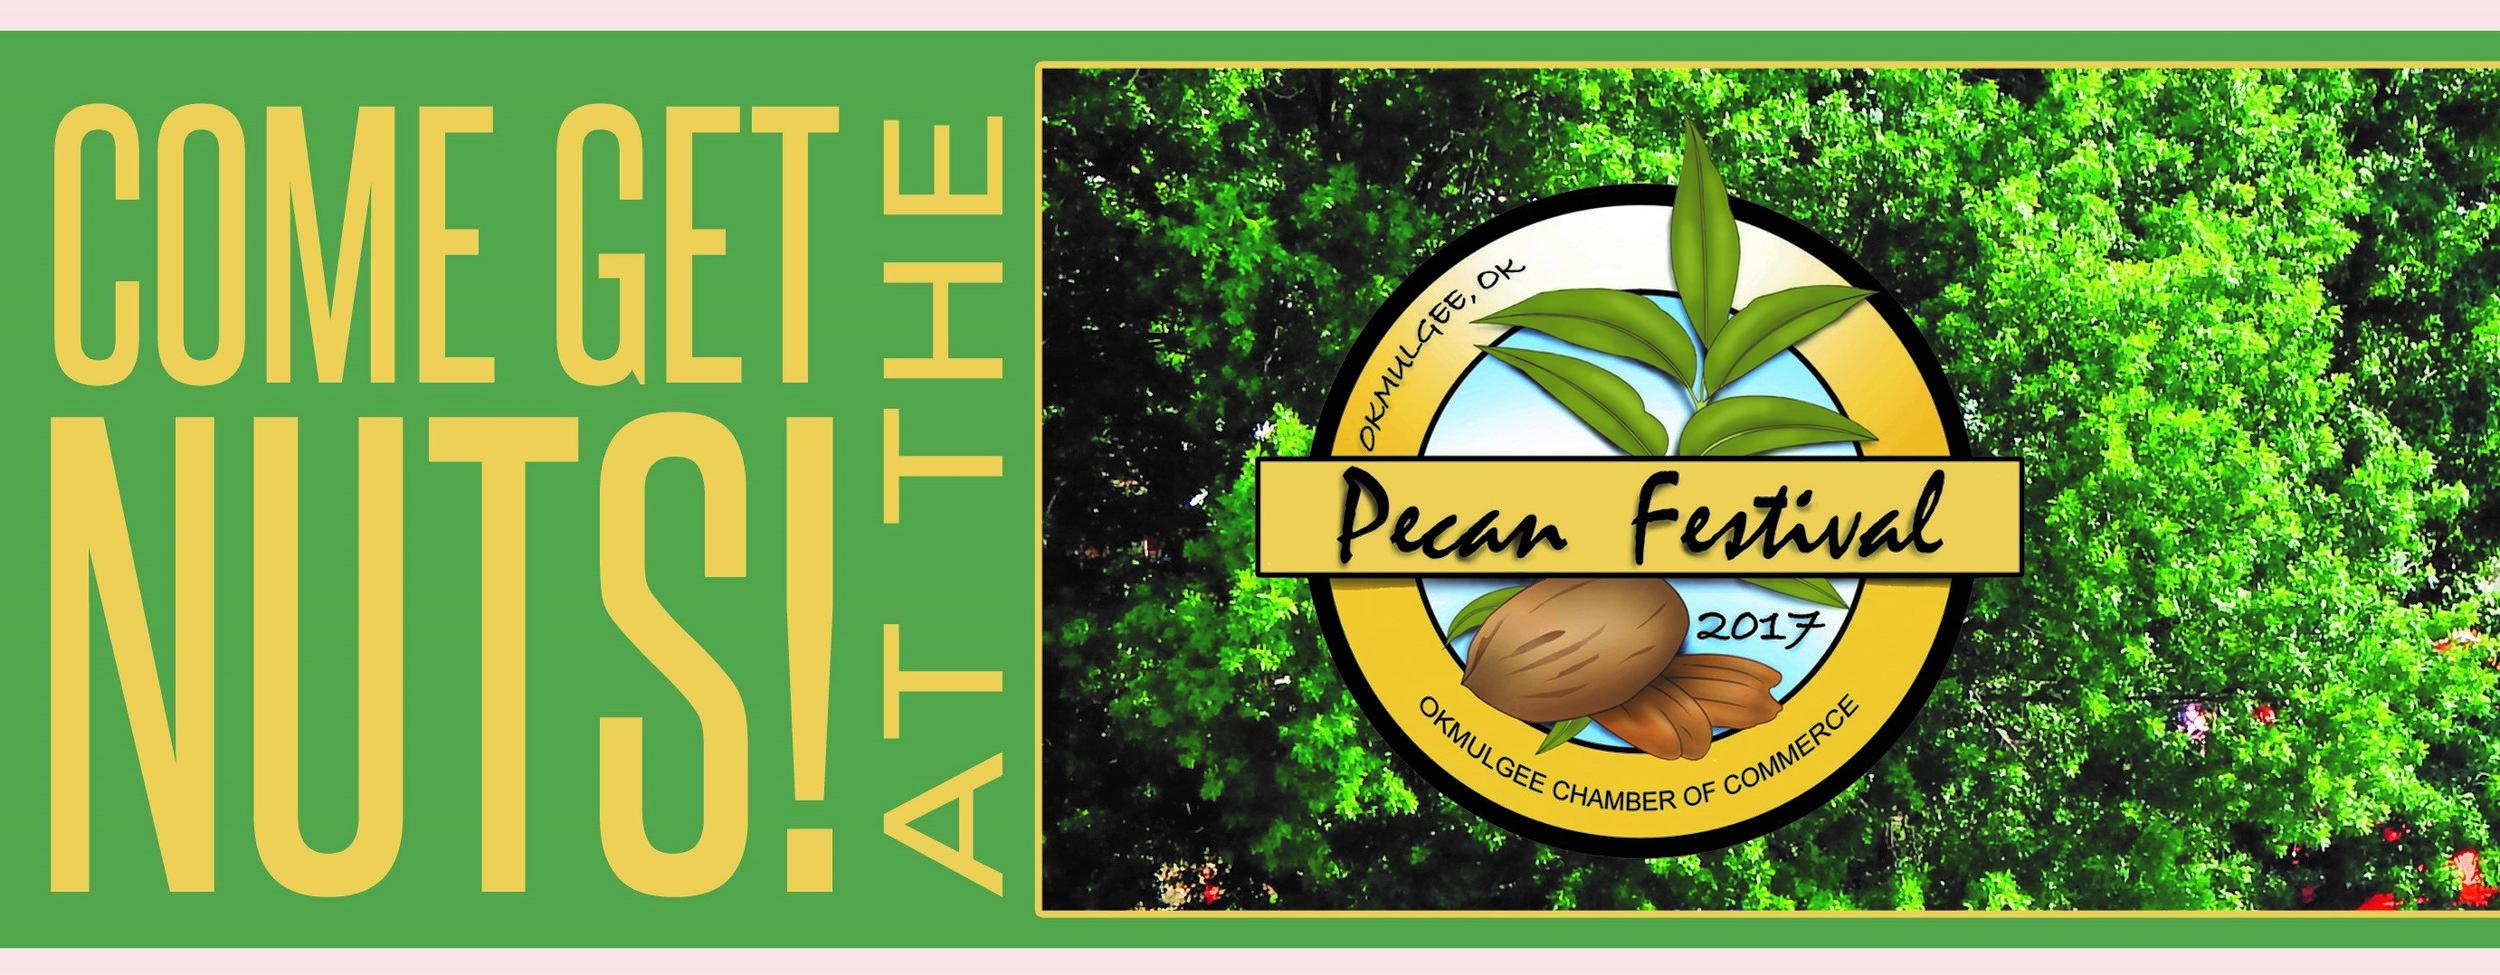 Pecan Festival Banner.jpg